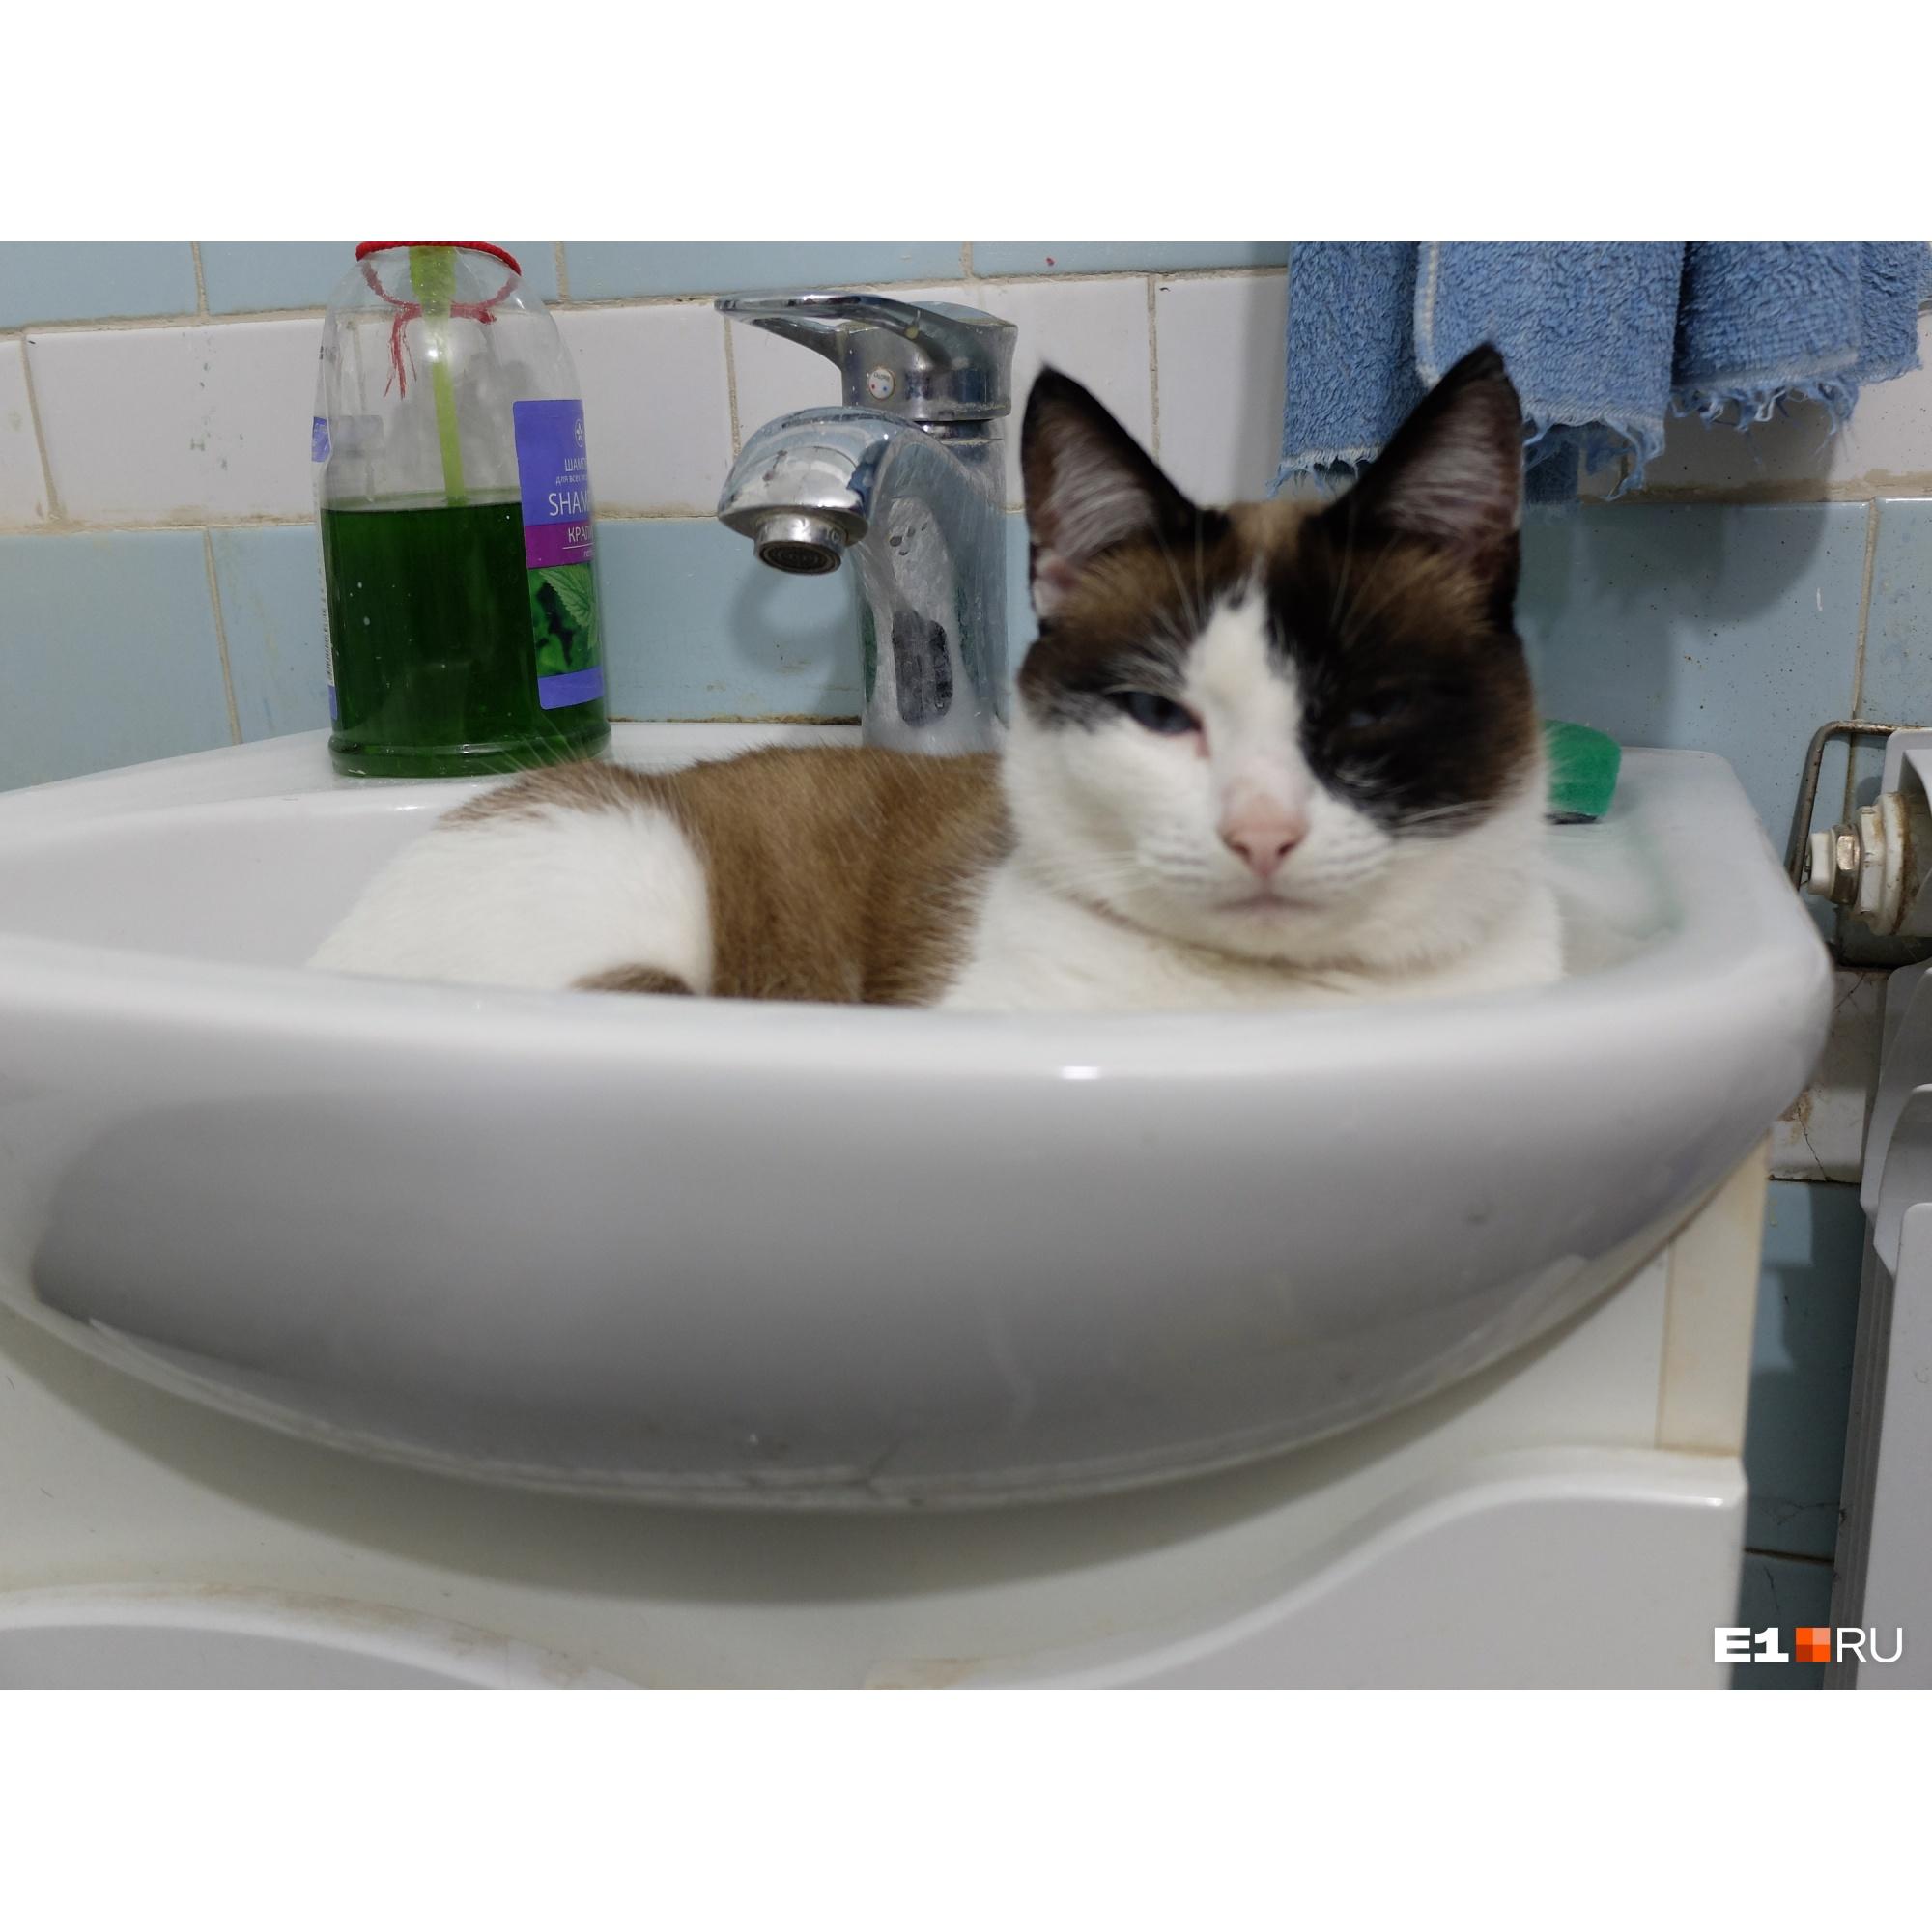 Жители недовольны качеством воды